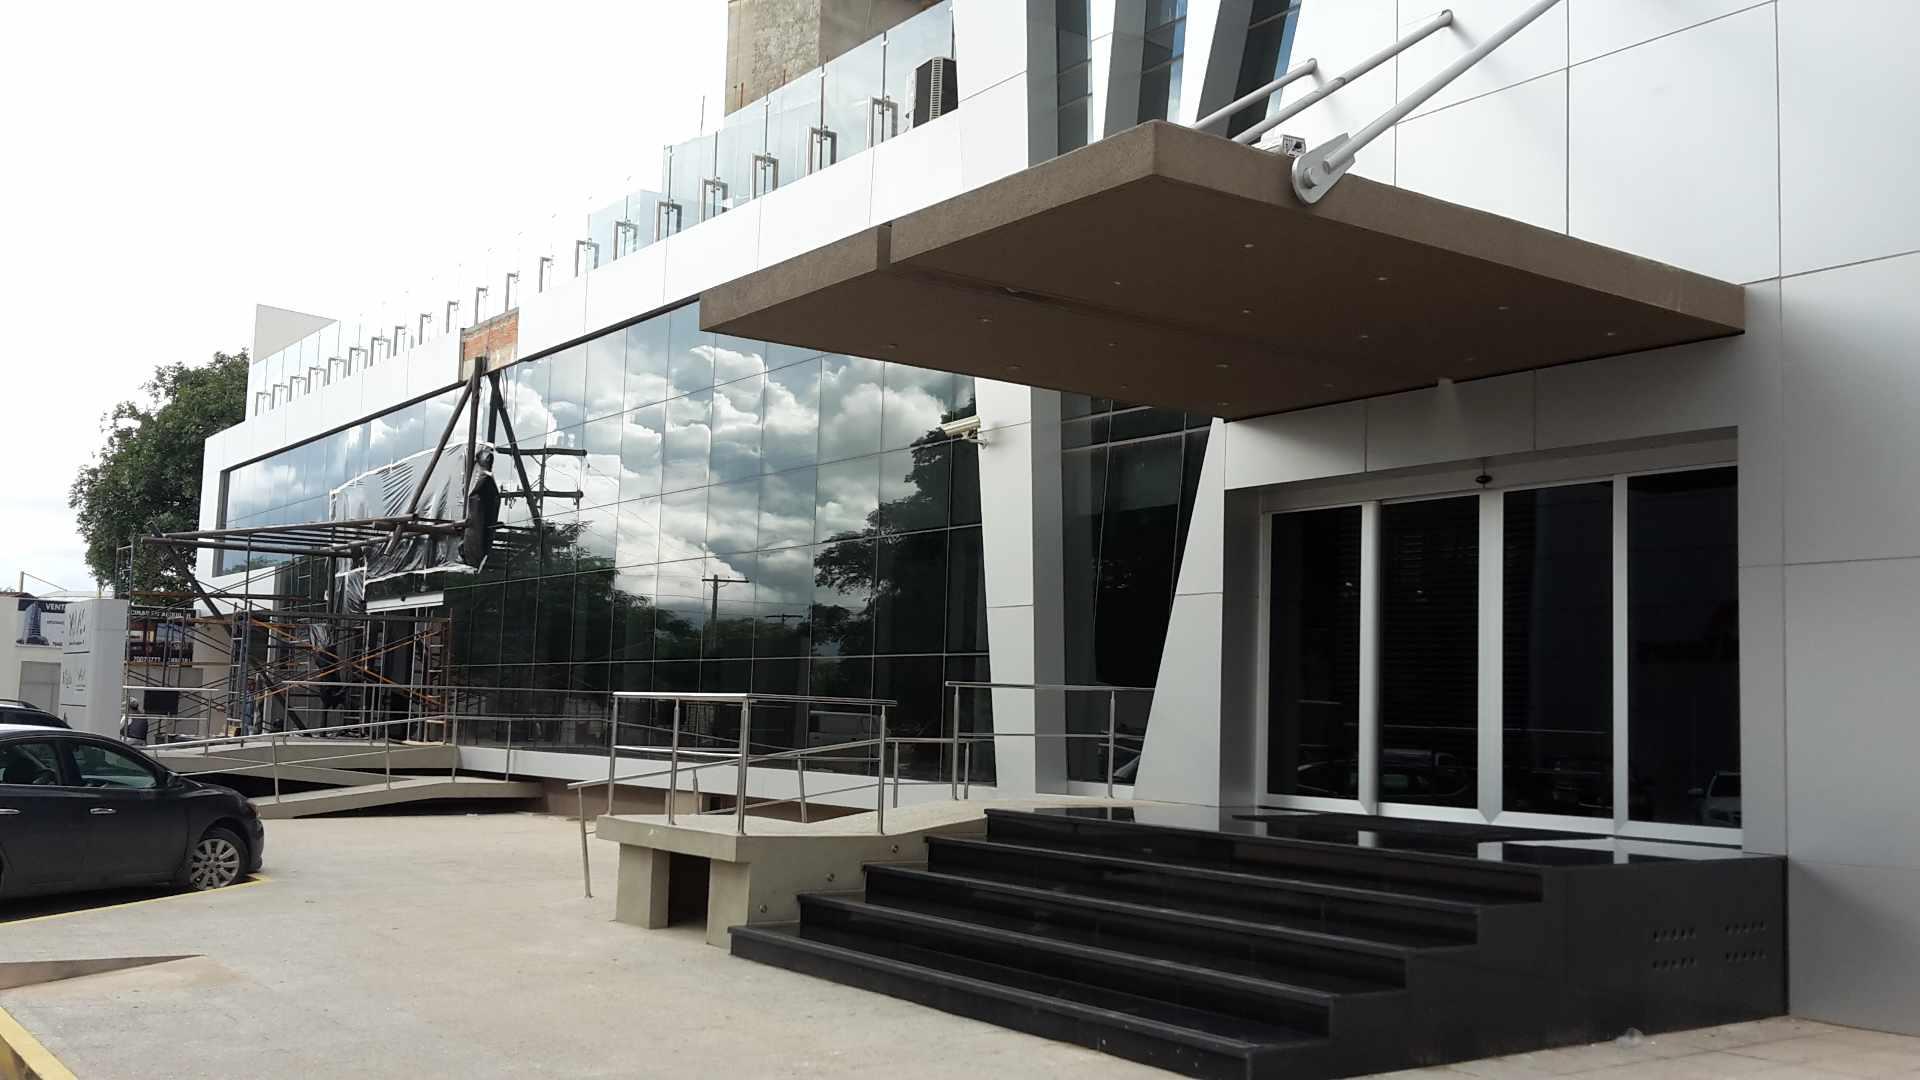 Oficina en Venta Torre ALAS Av. San Martín y 4to Anillo